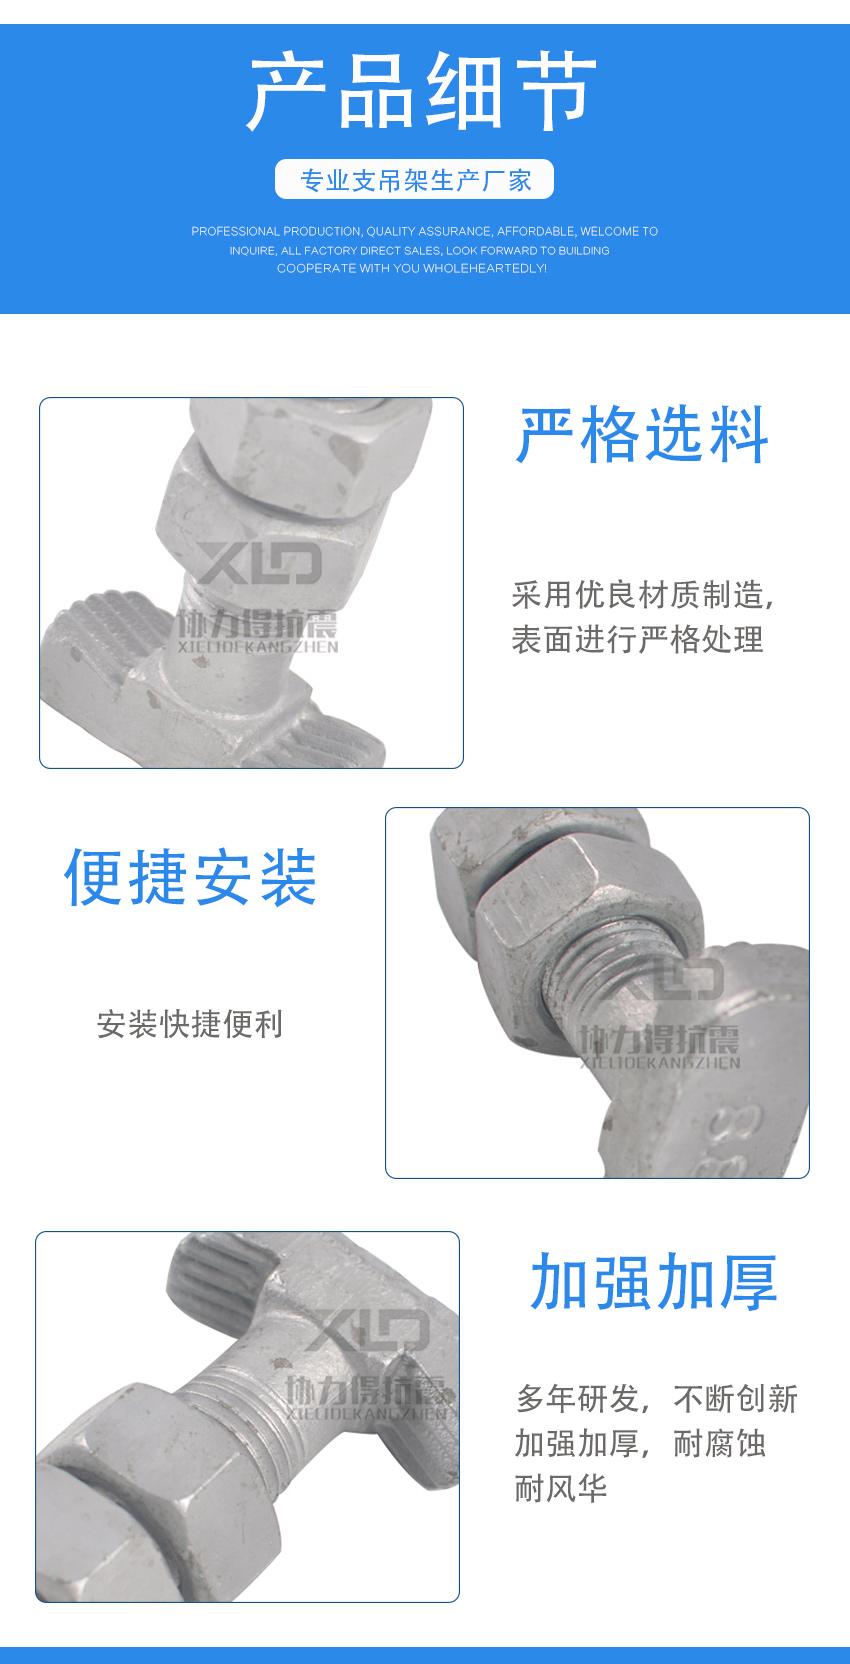 850-螺栓m16_05.jpg